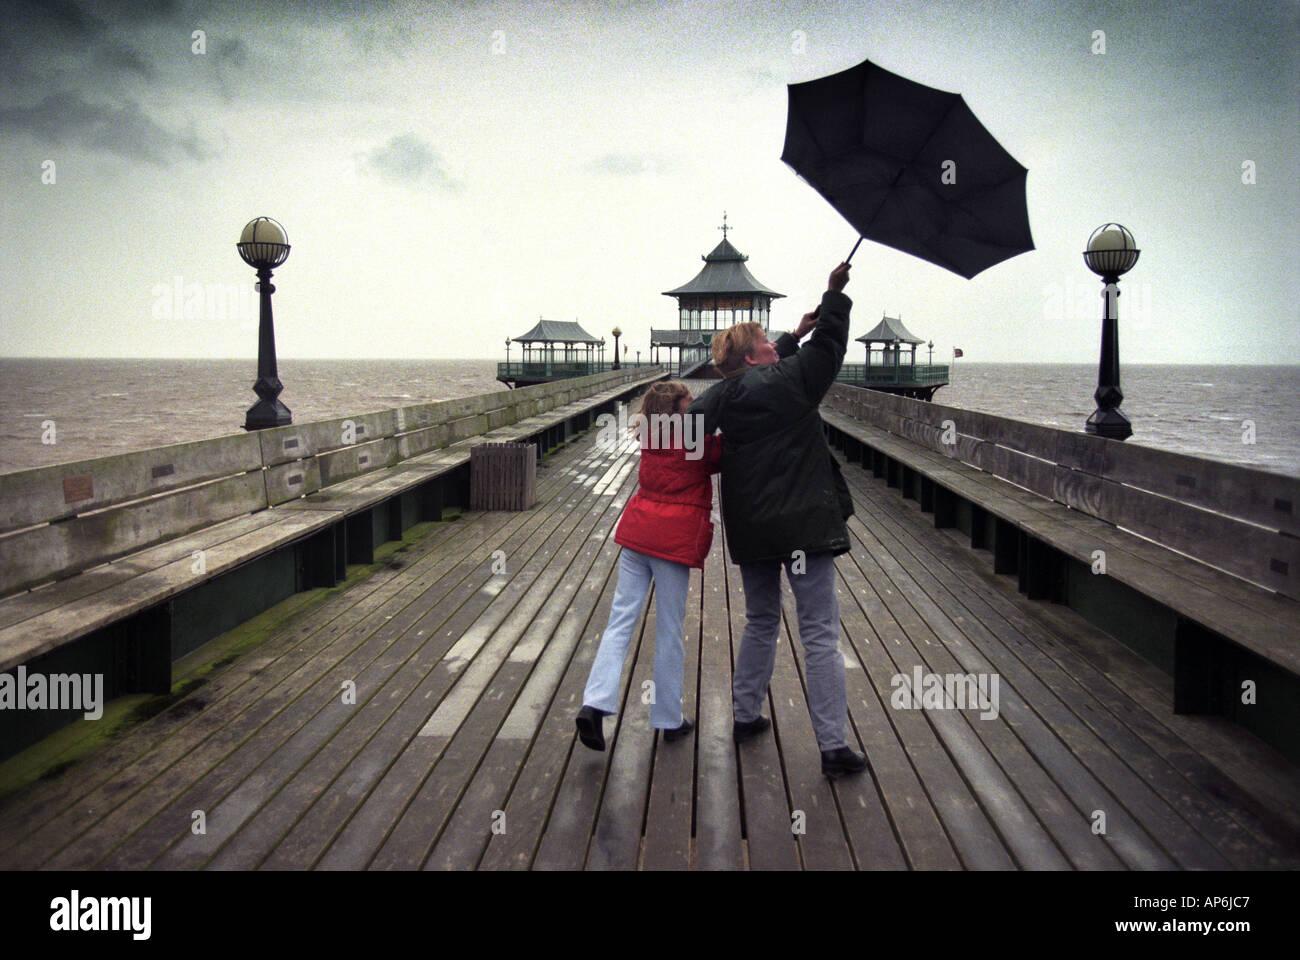 Une fille et sa mère AUX PRISES AVEC UN PARAPLUIE NOIR AU COURS D'UNE BALADE SUR LA JETÉE DE CLEVEDON Photo Stock